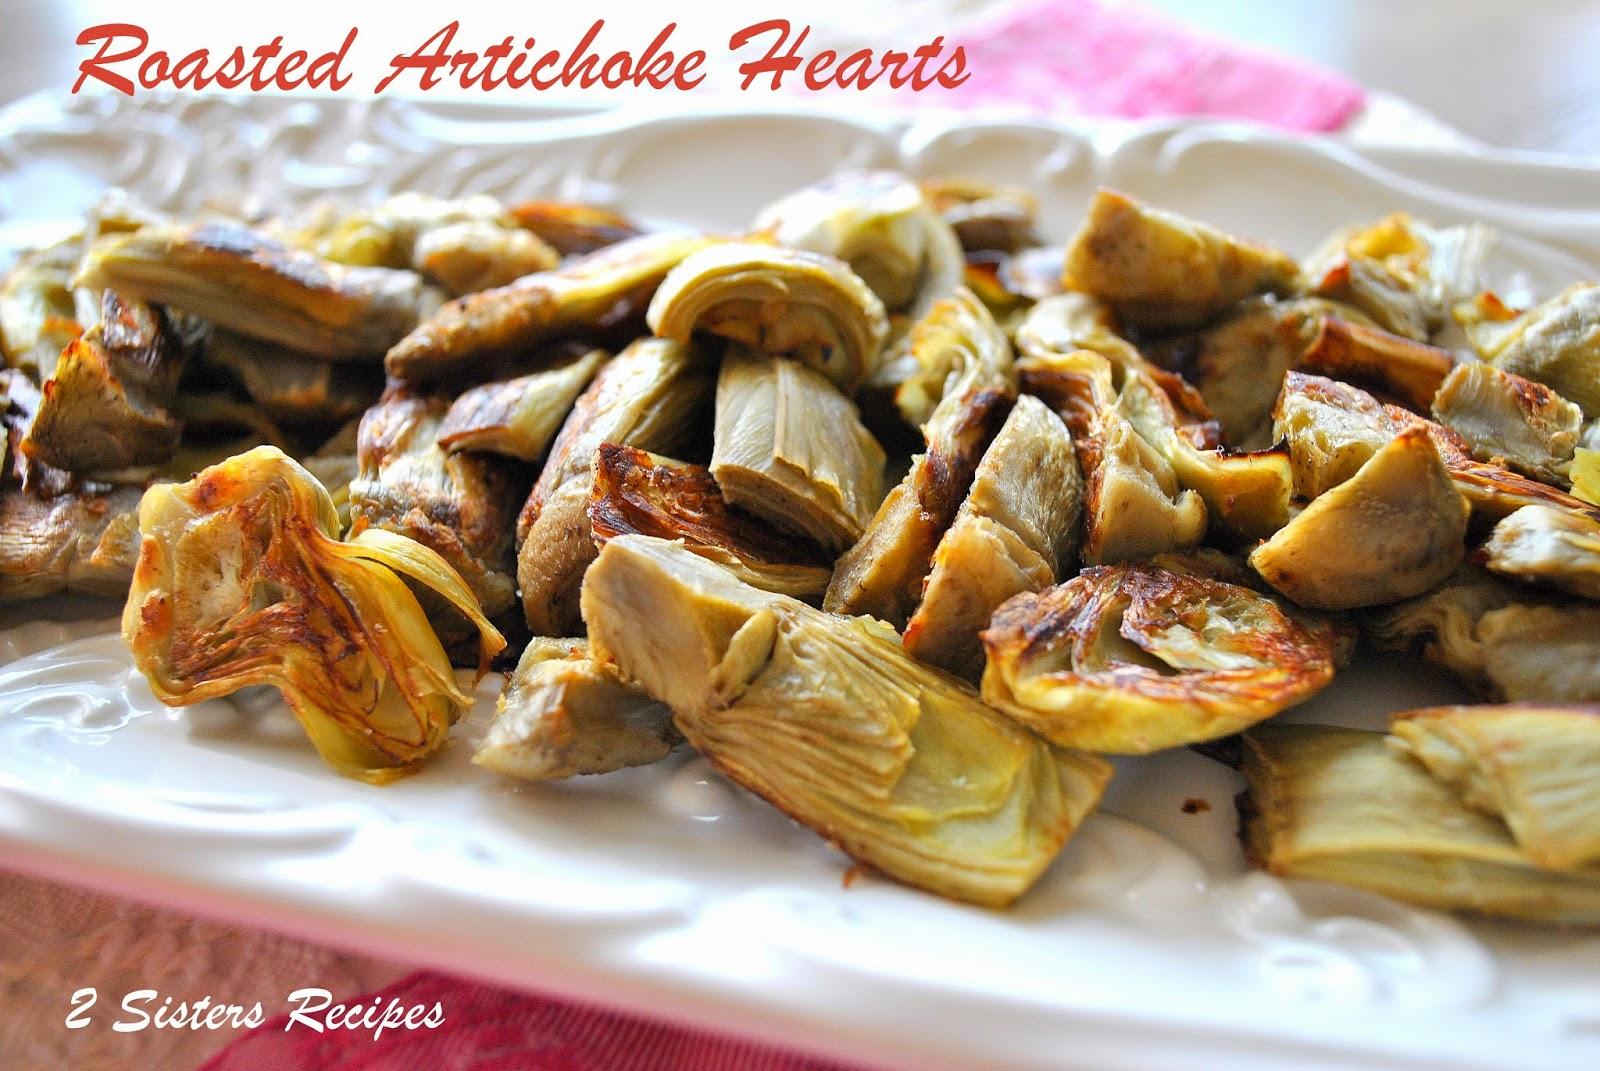 Easy Baked Artichoke